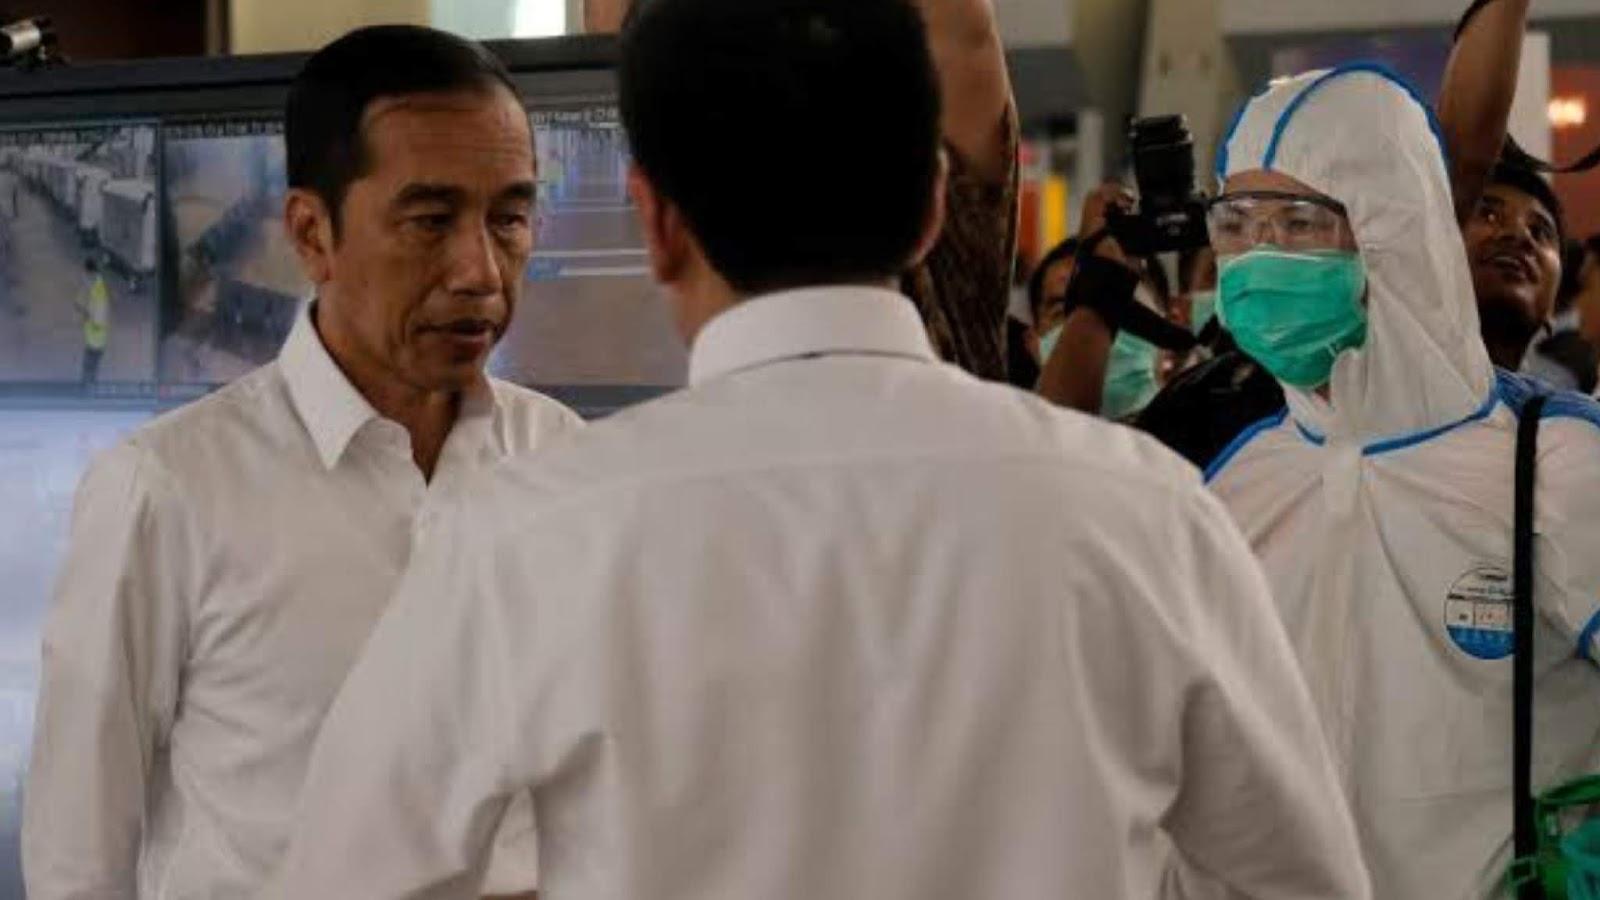 Menhub Positif Corona, Jokowi dan Para Menteri Lakukan Tes Kesehatan di RSPAD